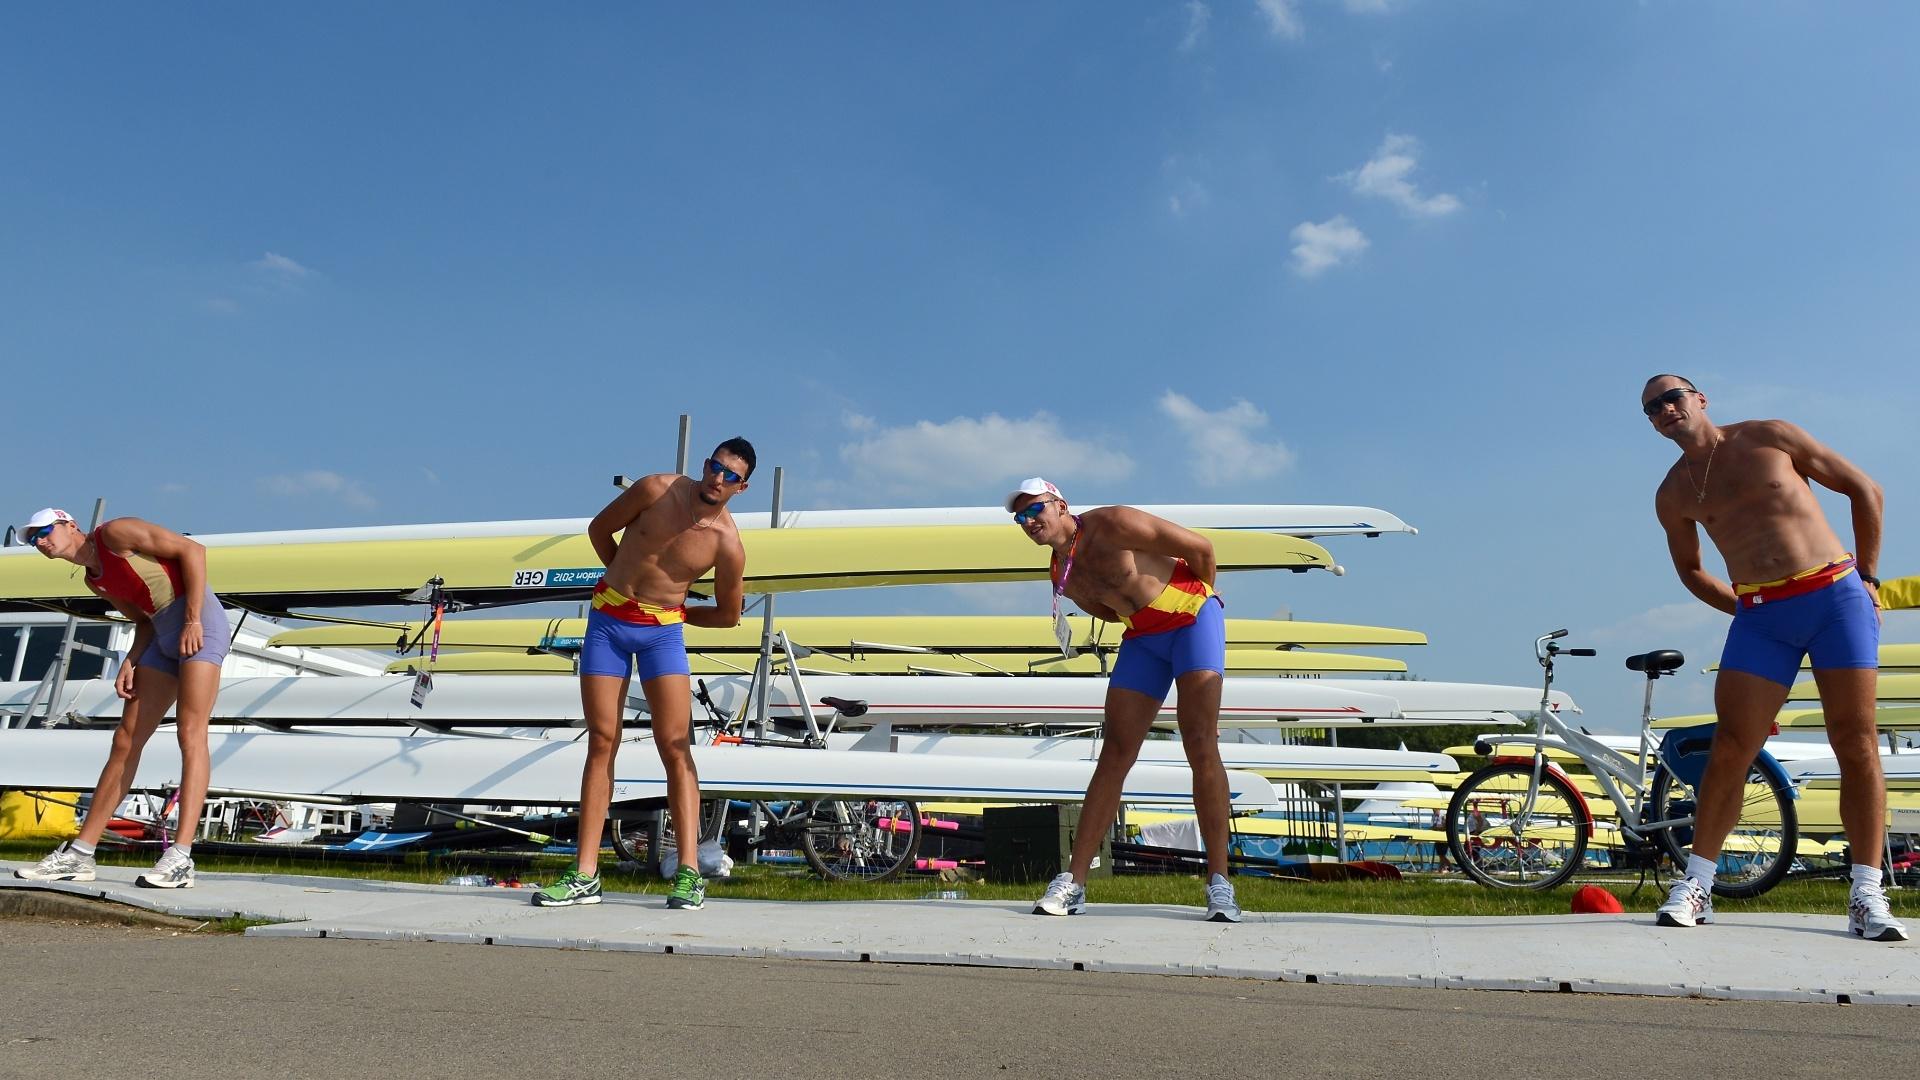 Guarnição da Romênia do quatro sem se aquece antes de treino para a Olimpíada